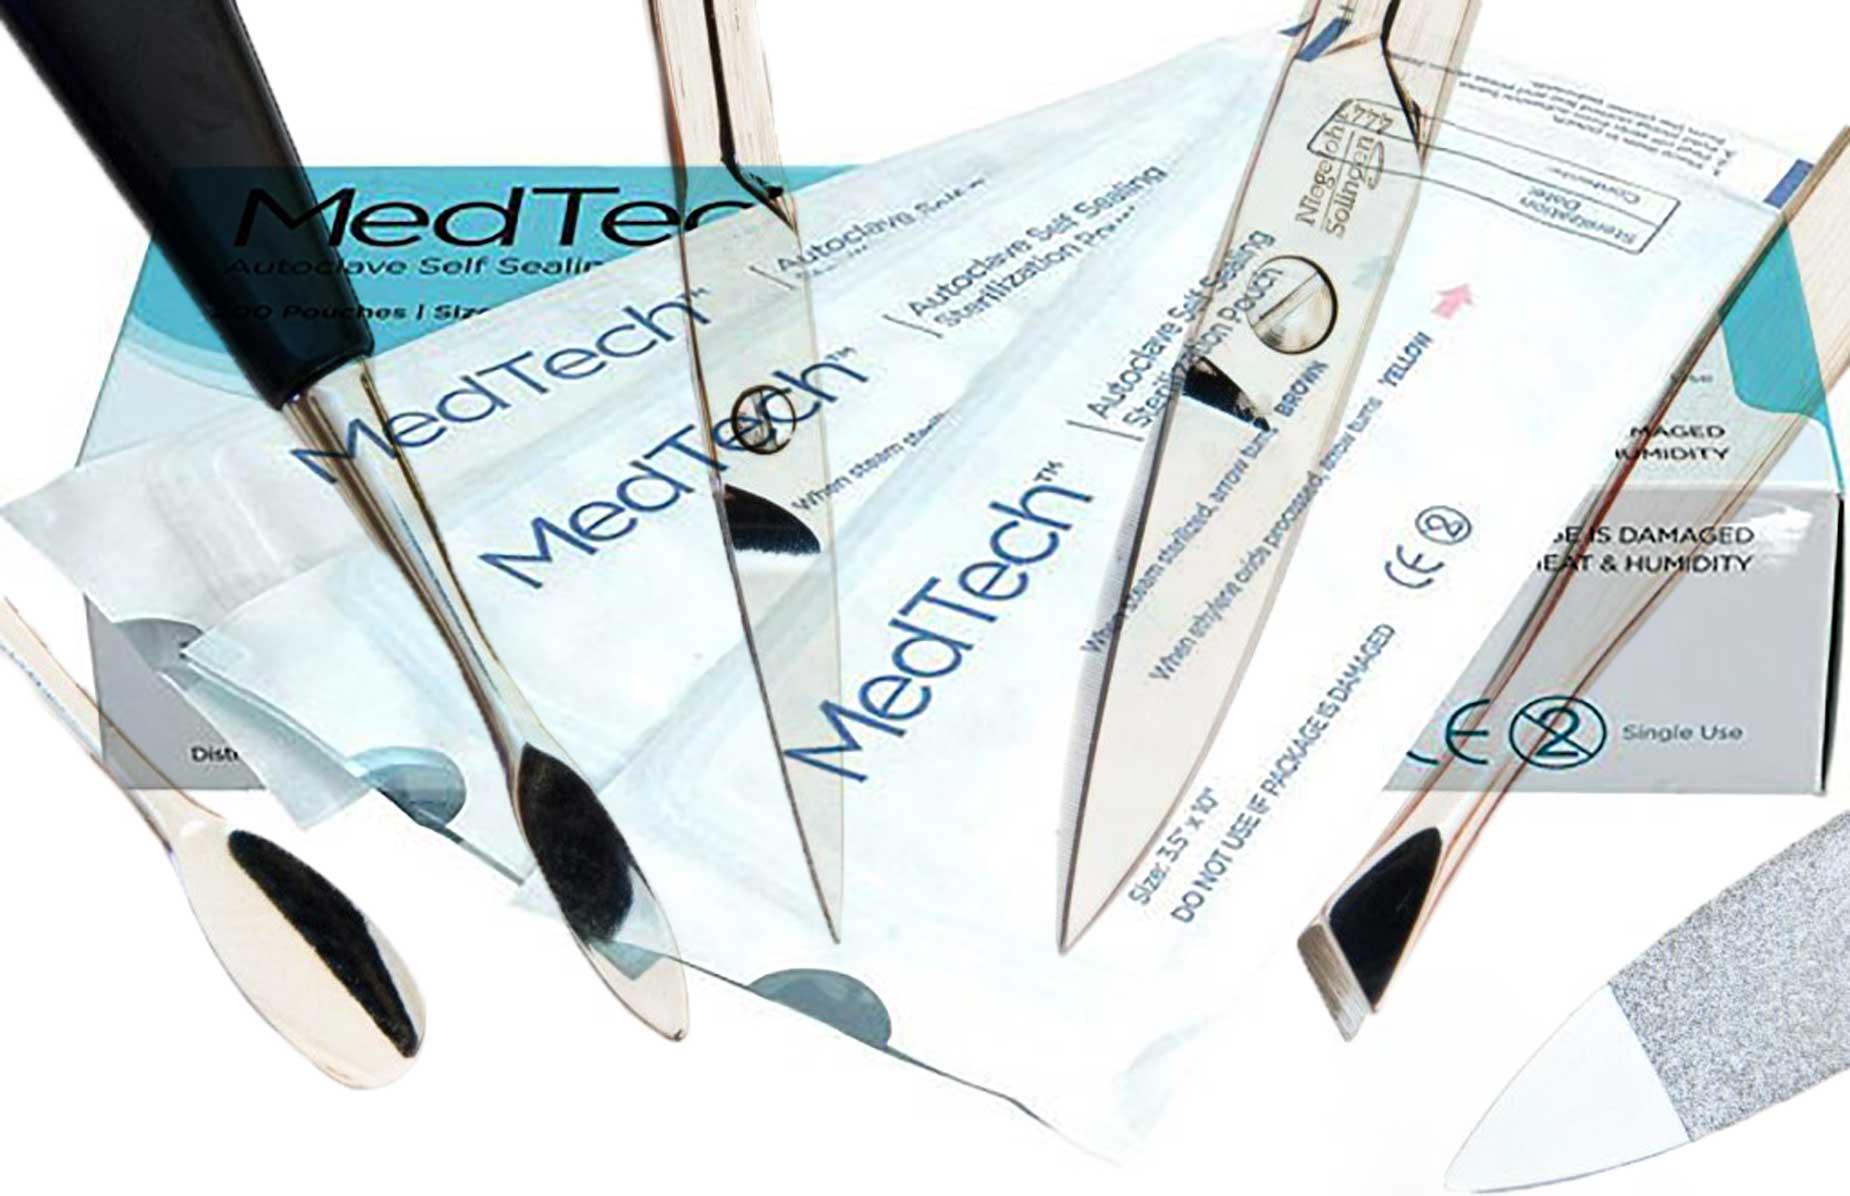 Palo Alto sterilized client pouch